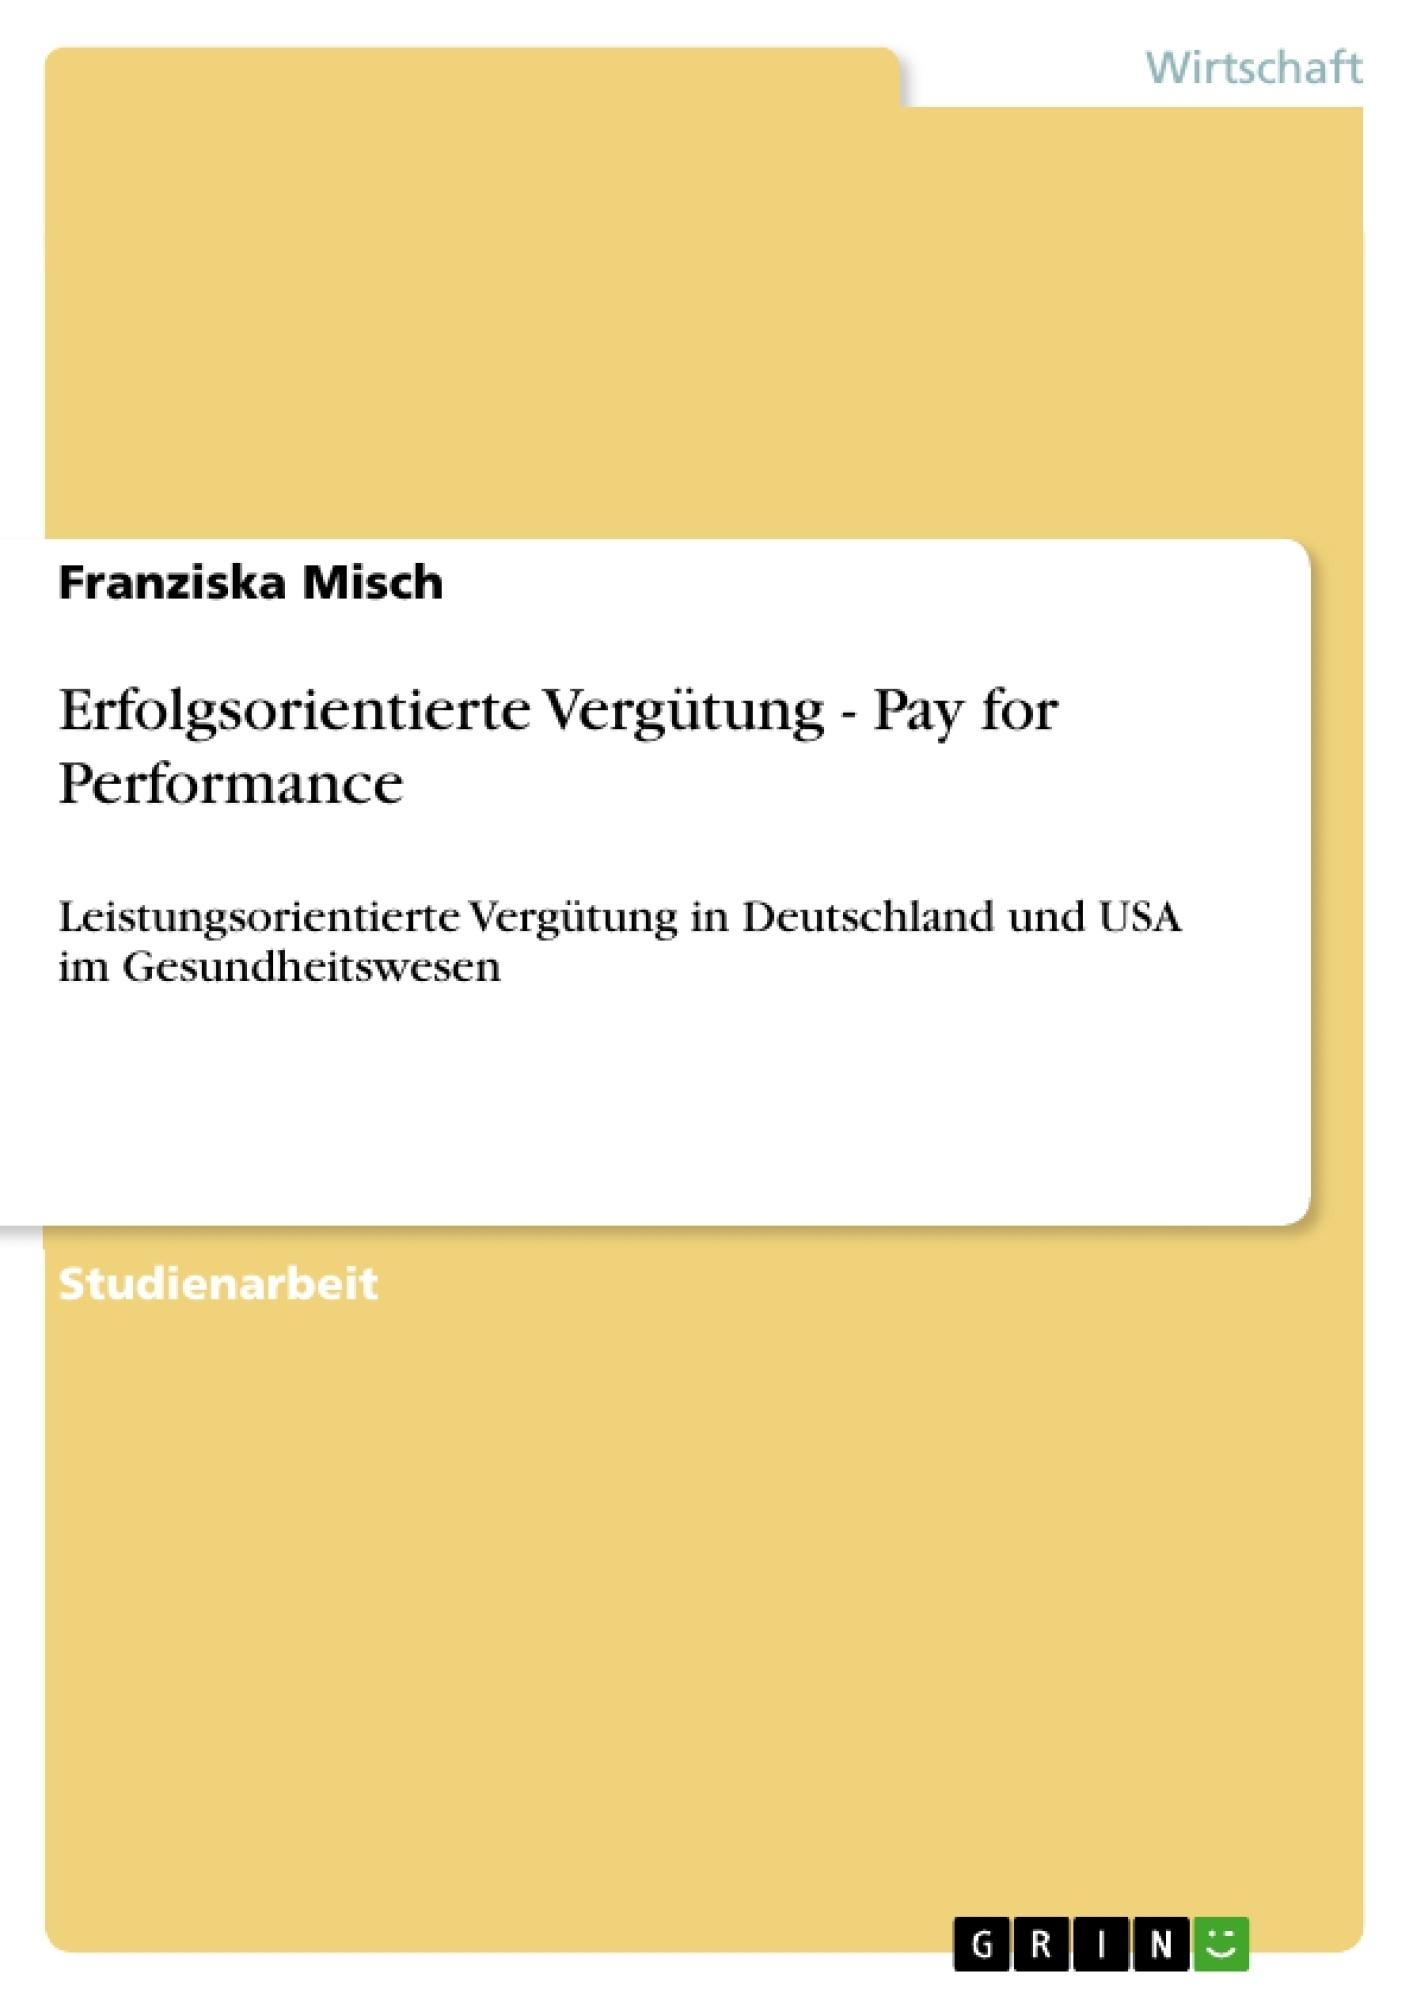 Titel: Erfolgsorientierte Vergütung - Pay for Performance